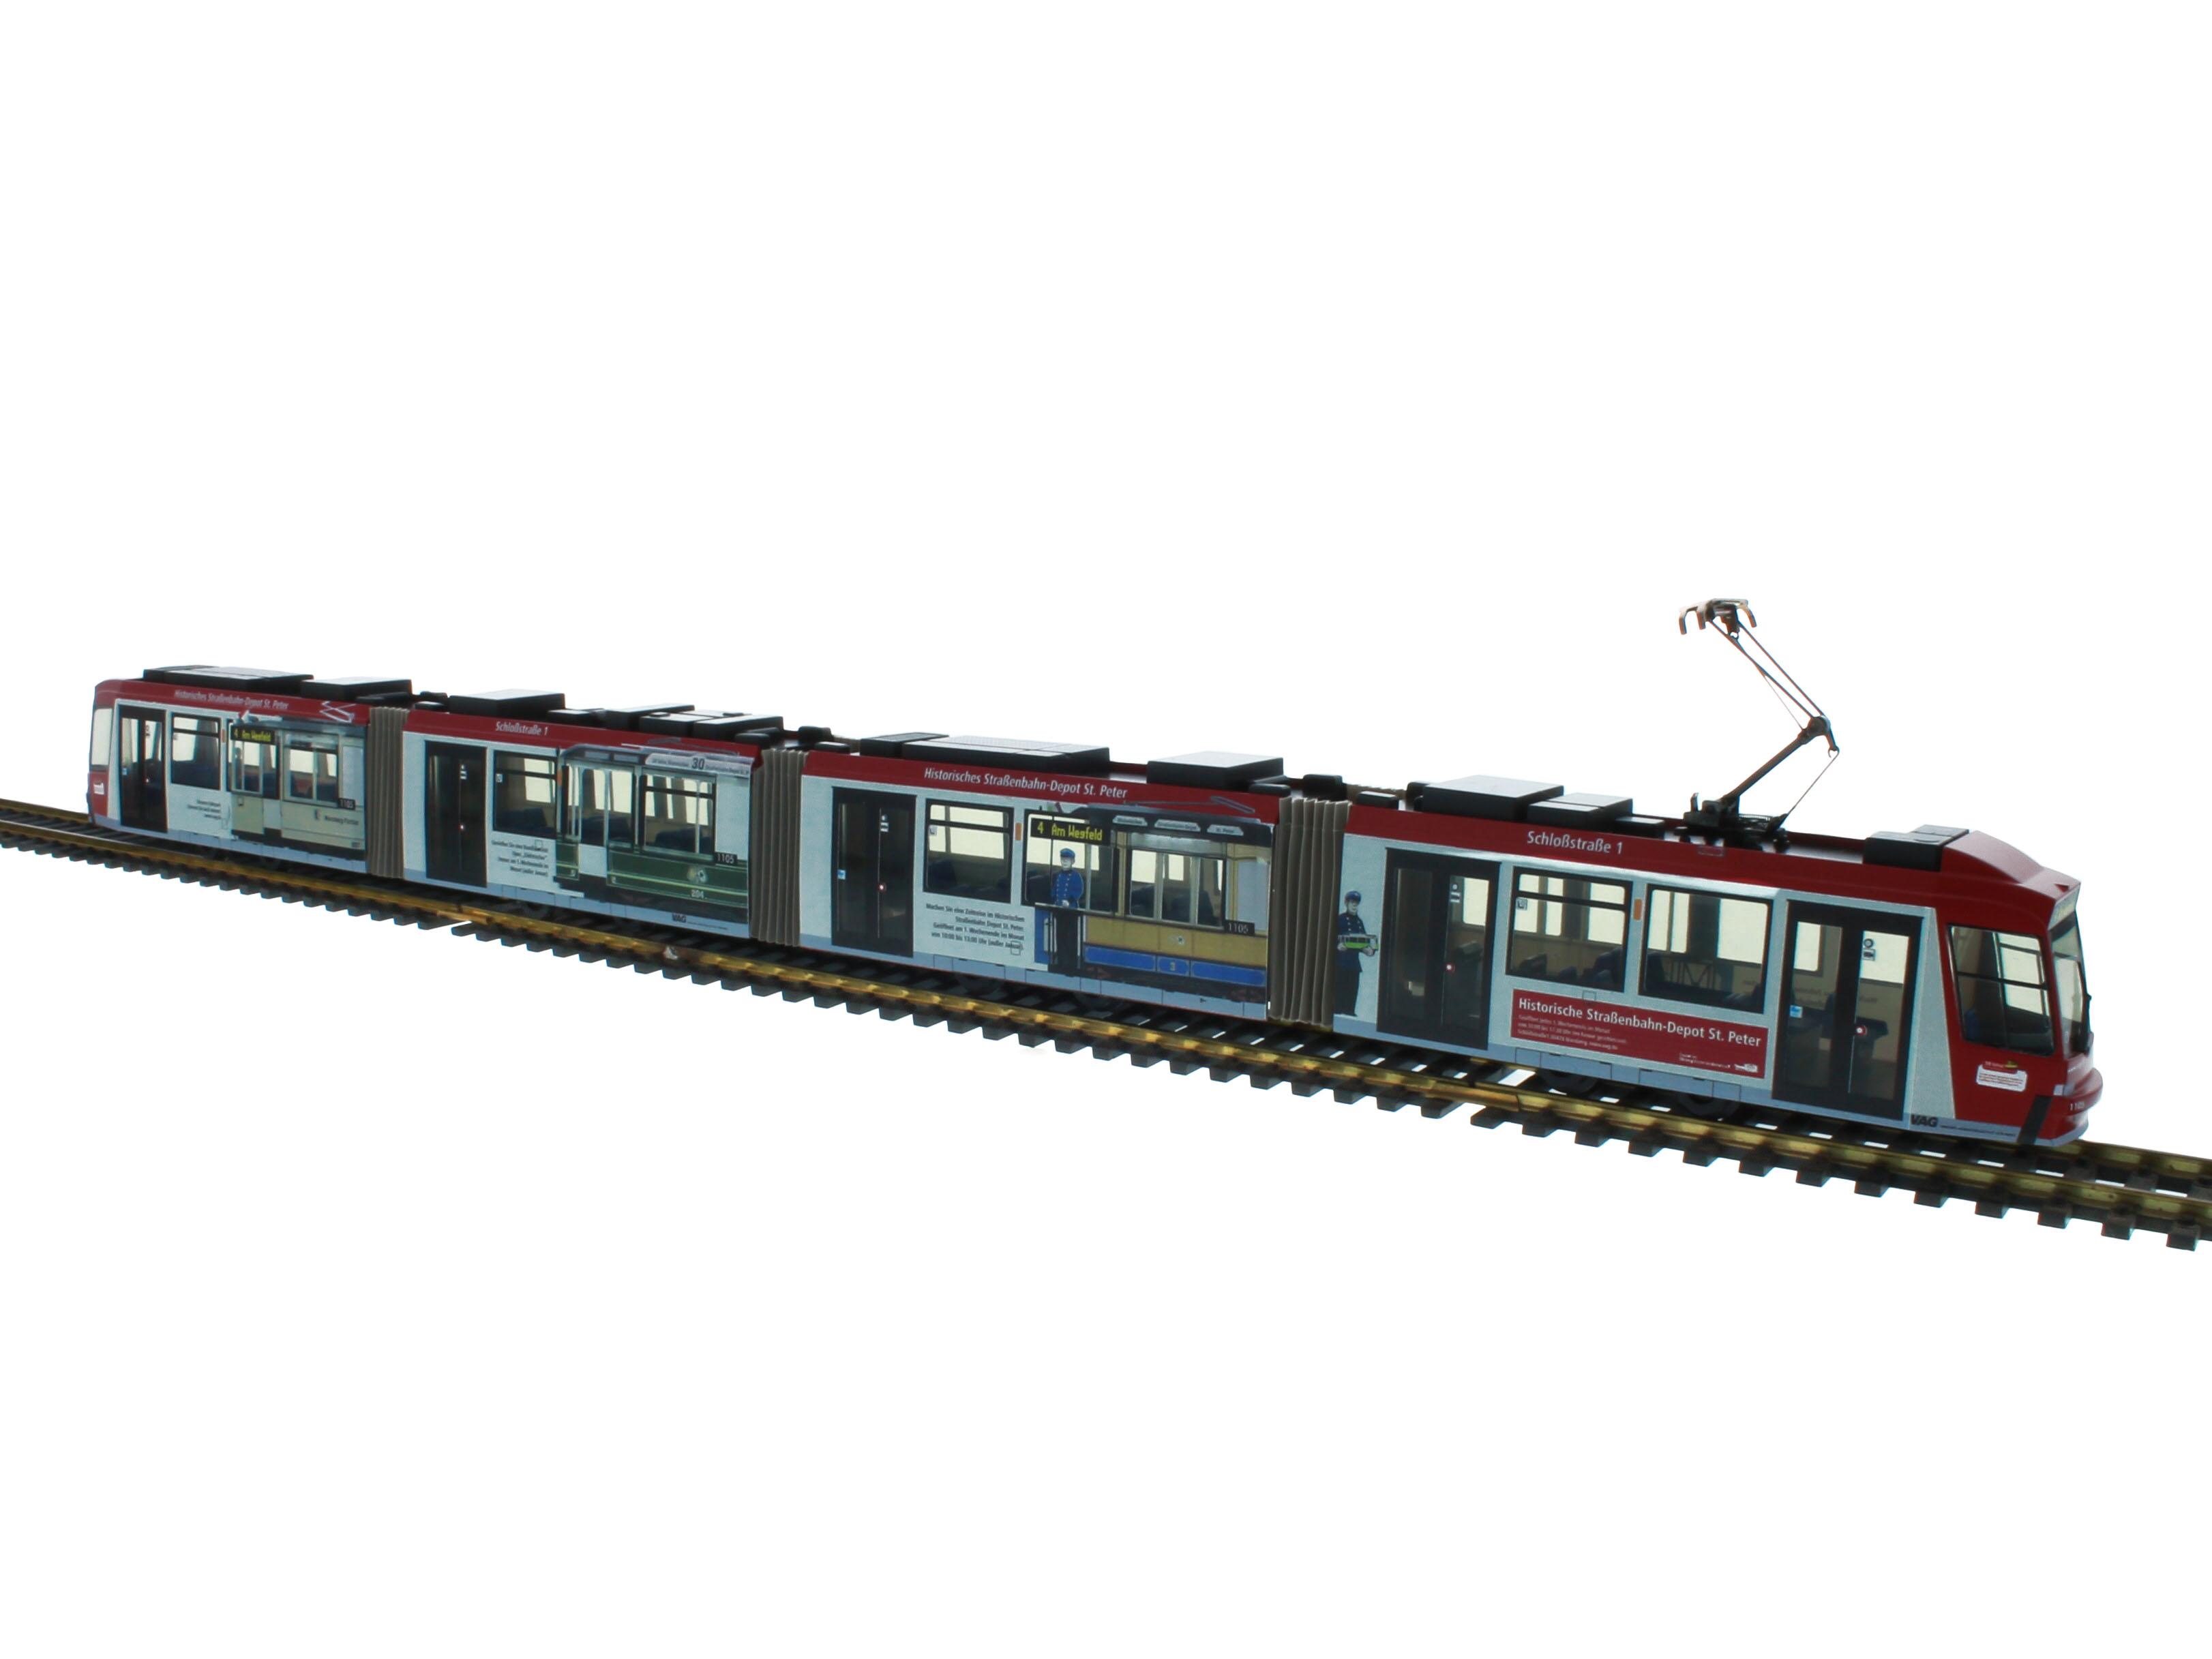 Adtranz Stra&szlig;enbahn 1:87 H0<p><p>  Abmessungen der Modelle: Breite: 2,8 cm, H&ouml;he: 4 cm, L&auml;nge: Gt 4 21 cm, Gt 6 31 cm, Gt 8 41 cm.